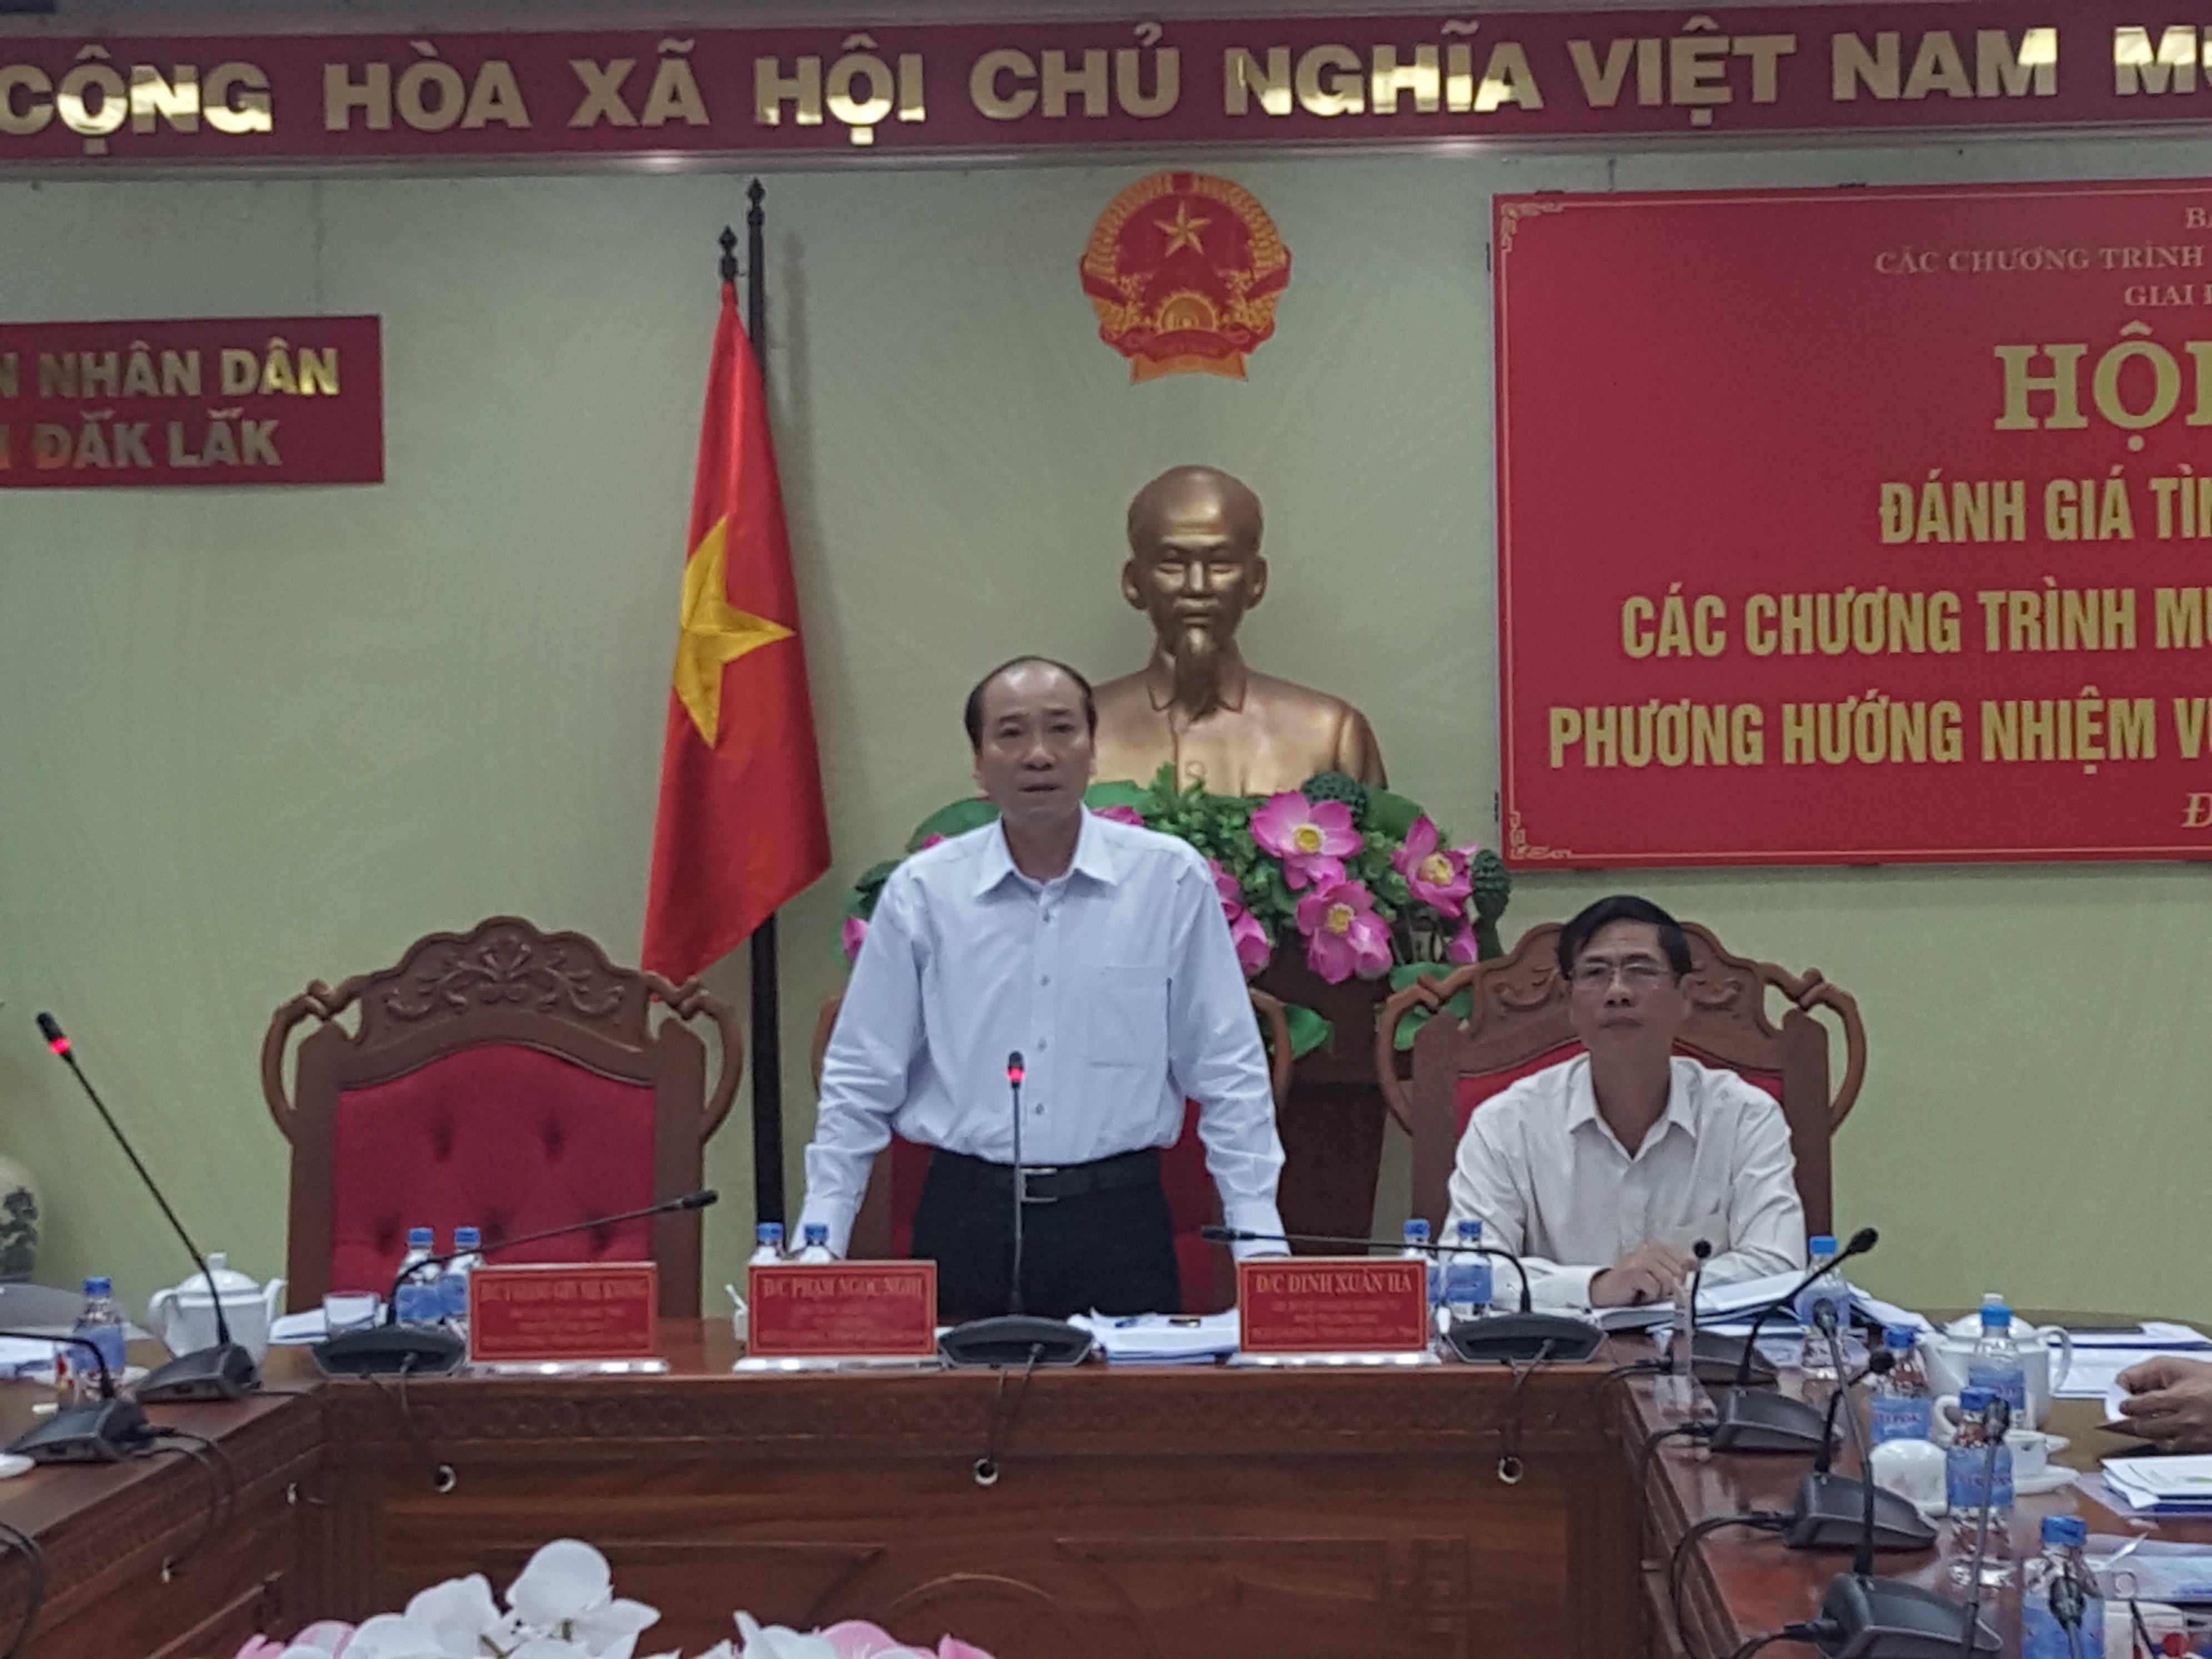 Hội nghị tổng kết đánh giá tình hình thực hiện các chương trình mục tiêu quốc gia năm 2018.